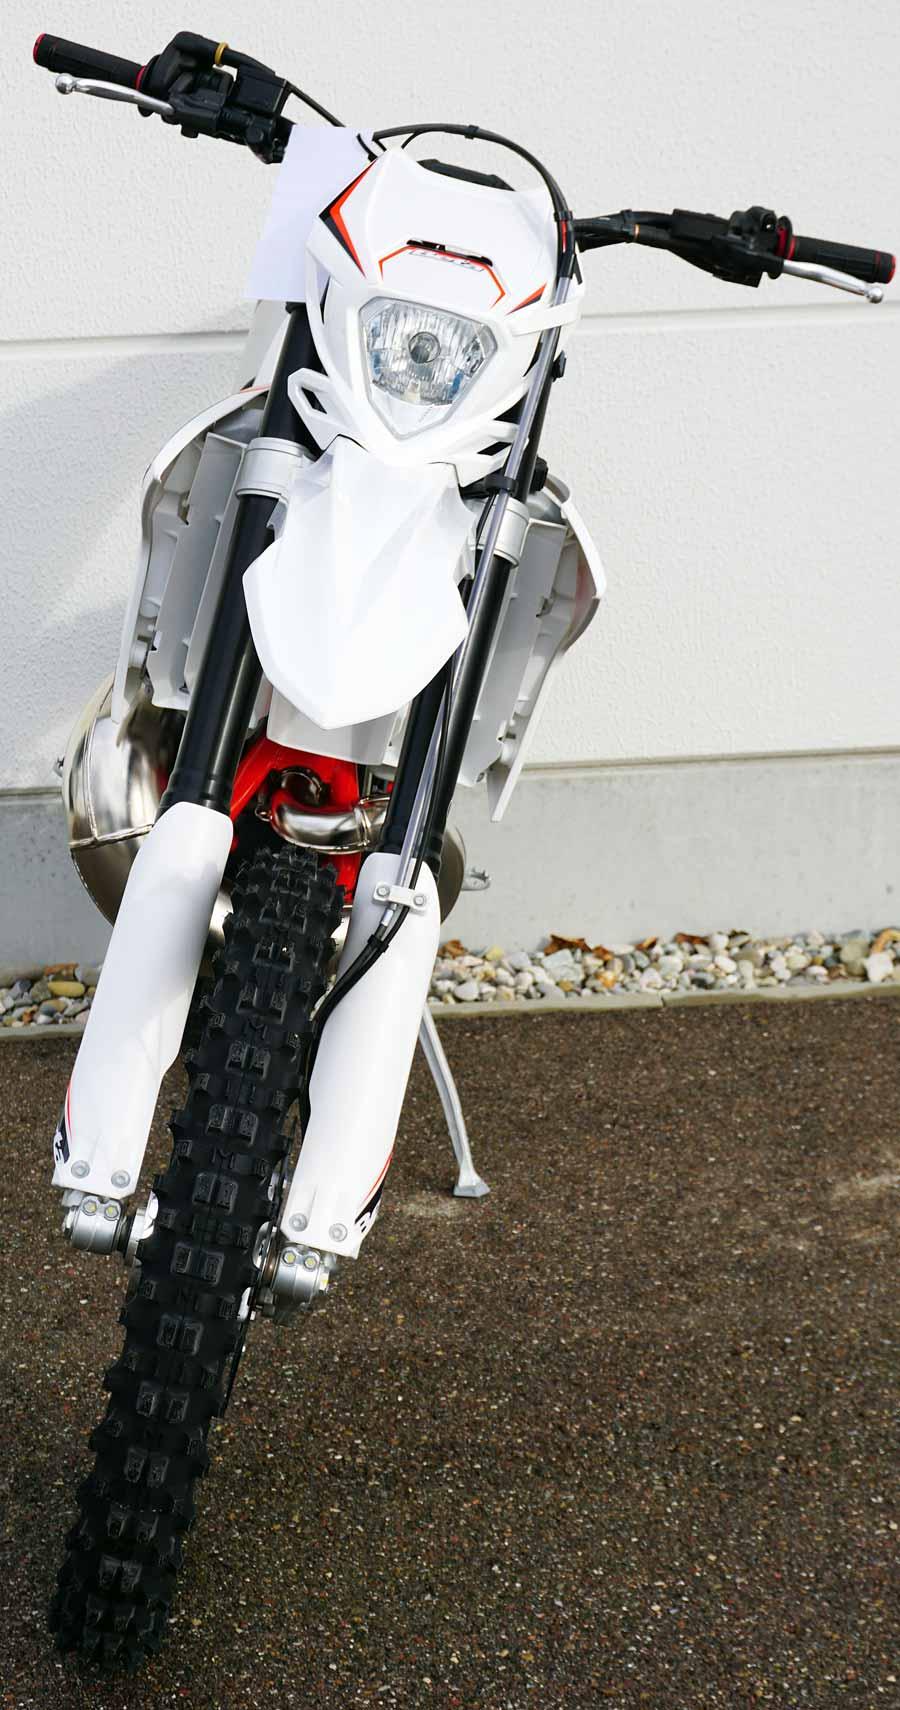 Motorrad Ressler Memmingerberg - Beta Vertragshändler